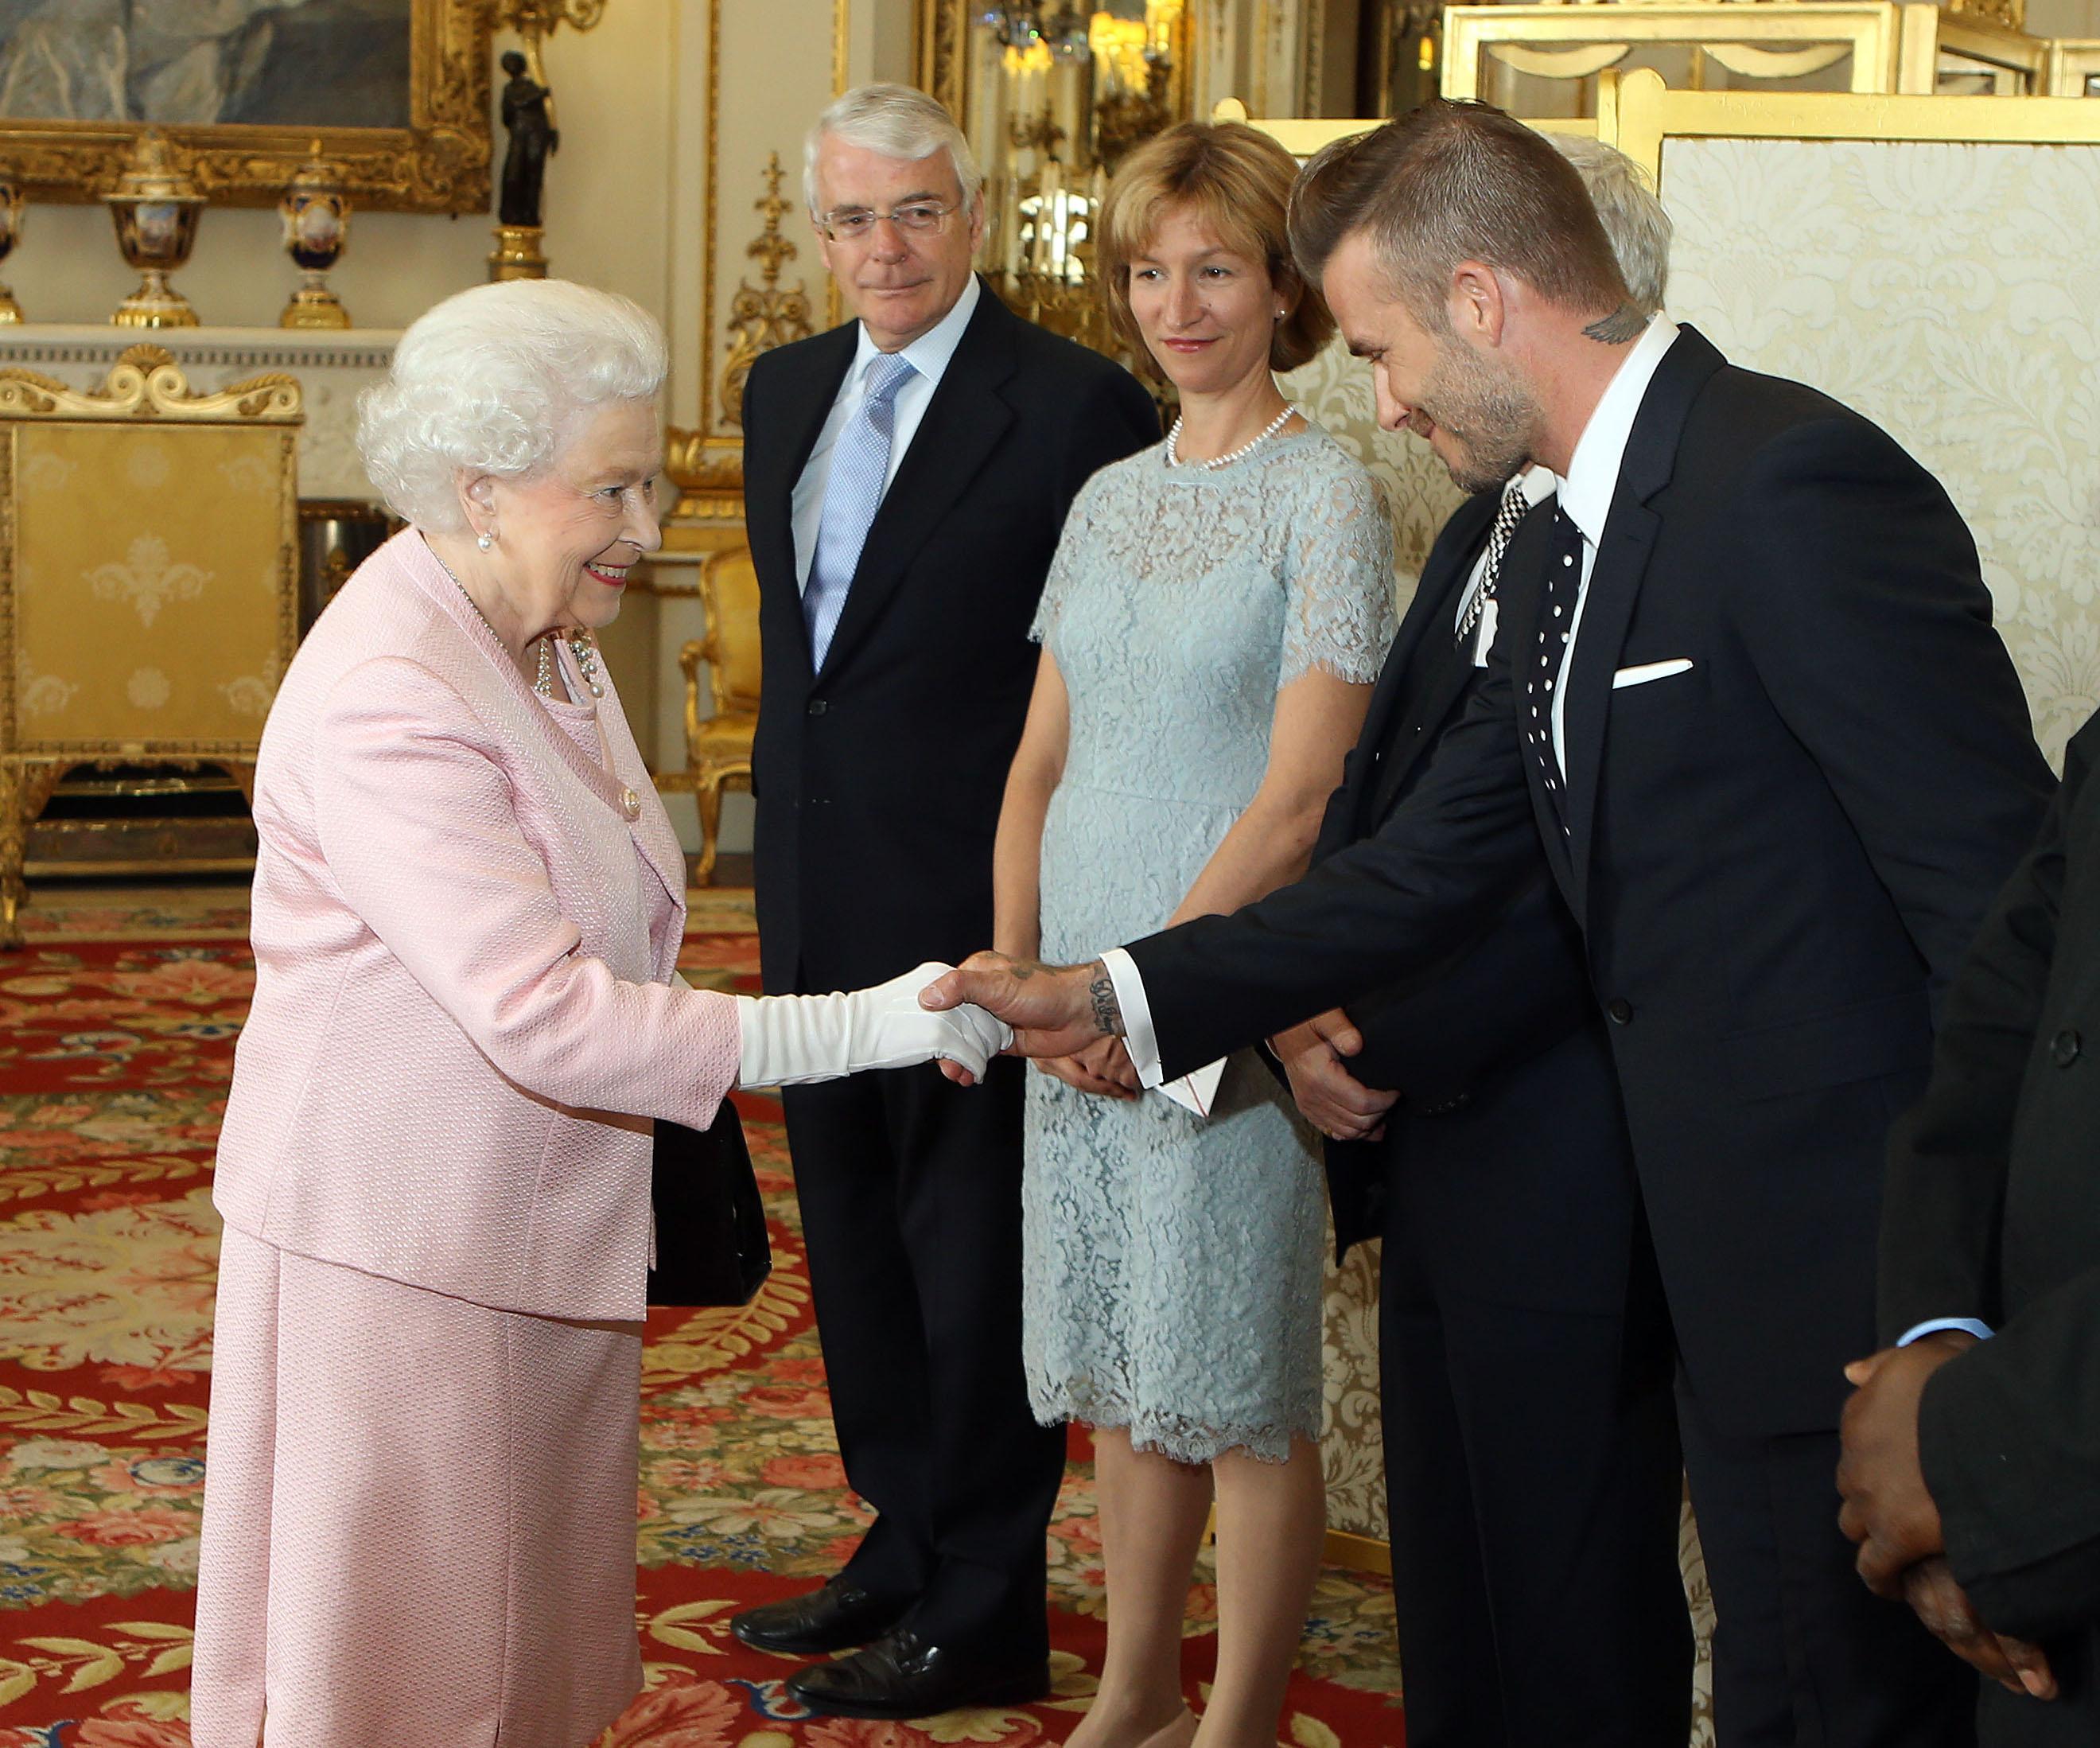 Дэвид Бекхэм встретился с королевой Елизаветой ІІ